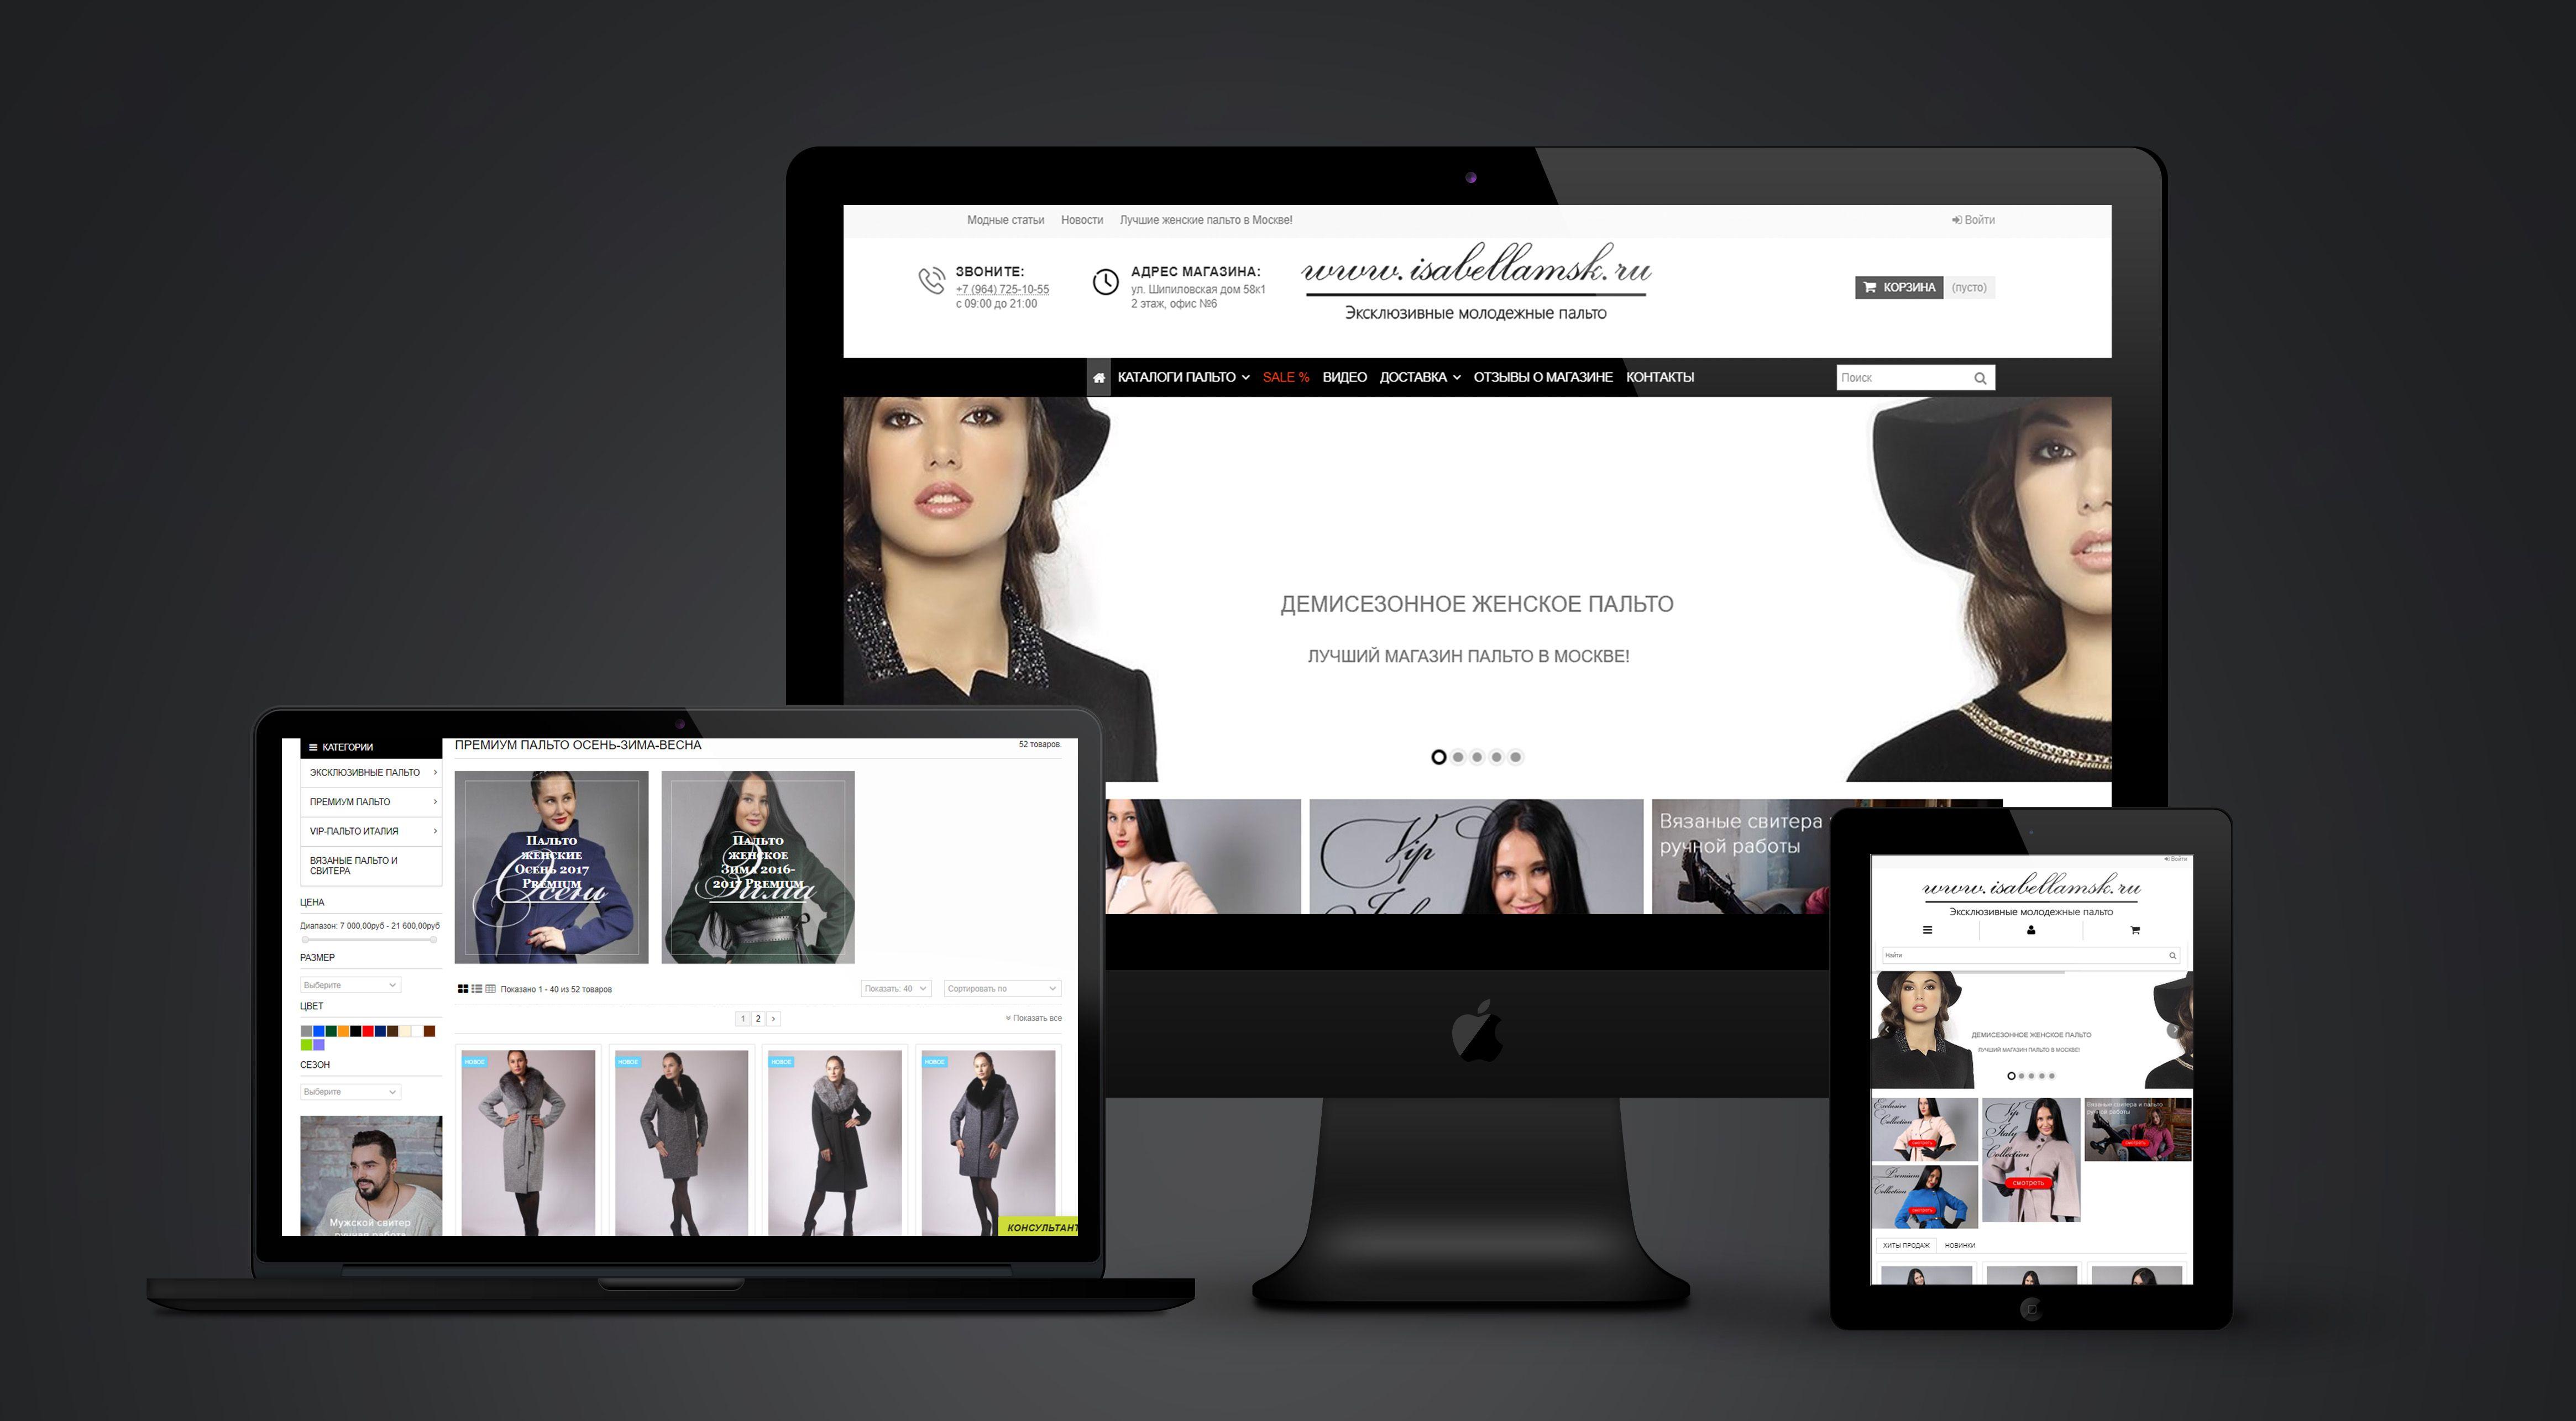 Разработка интернет магазина женских пальто isabellamsk